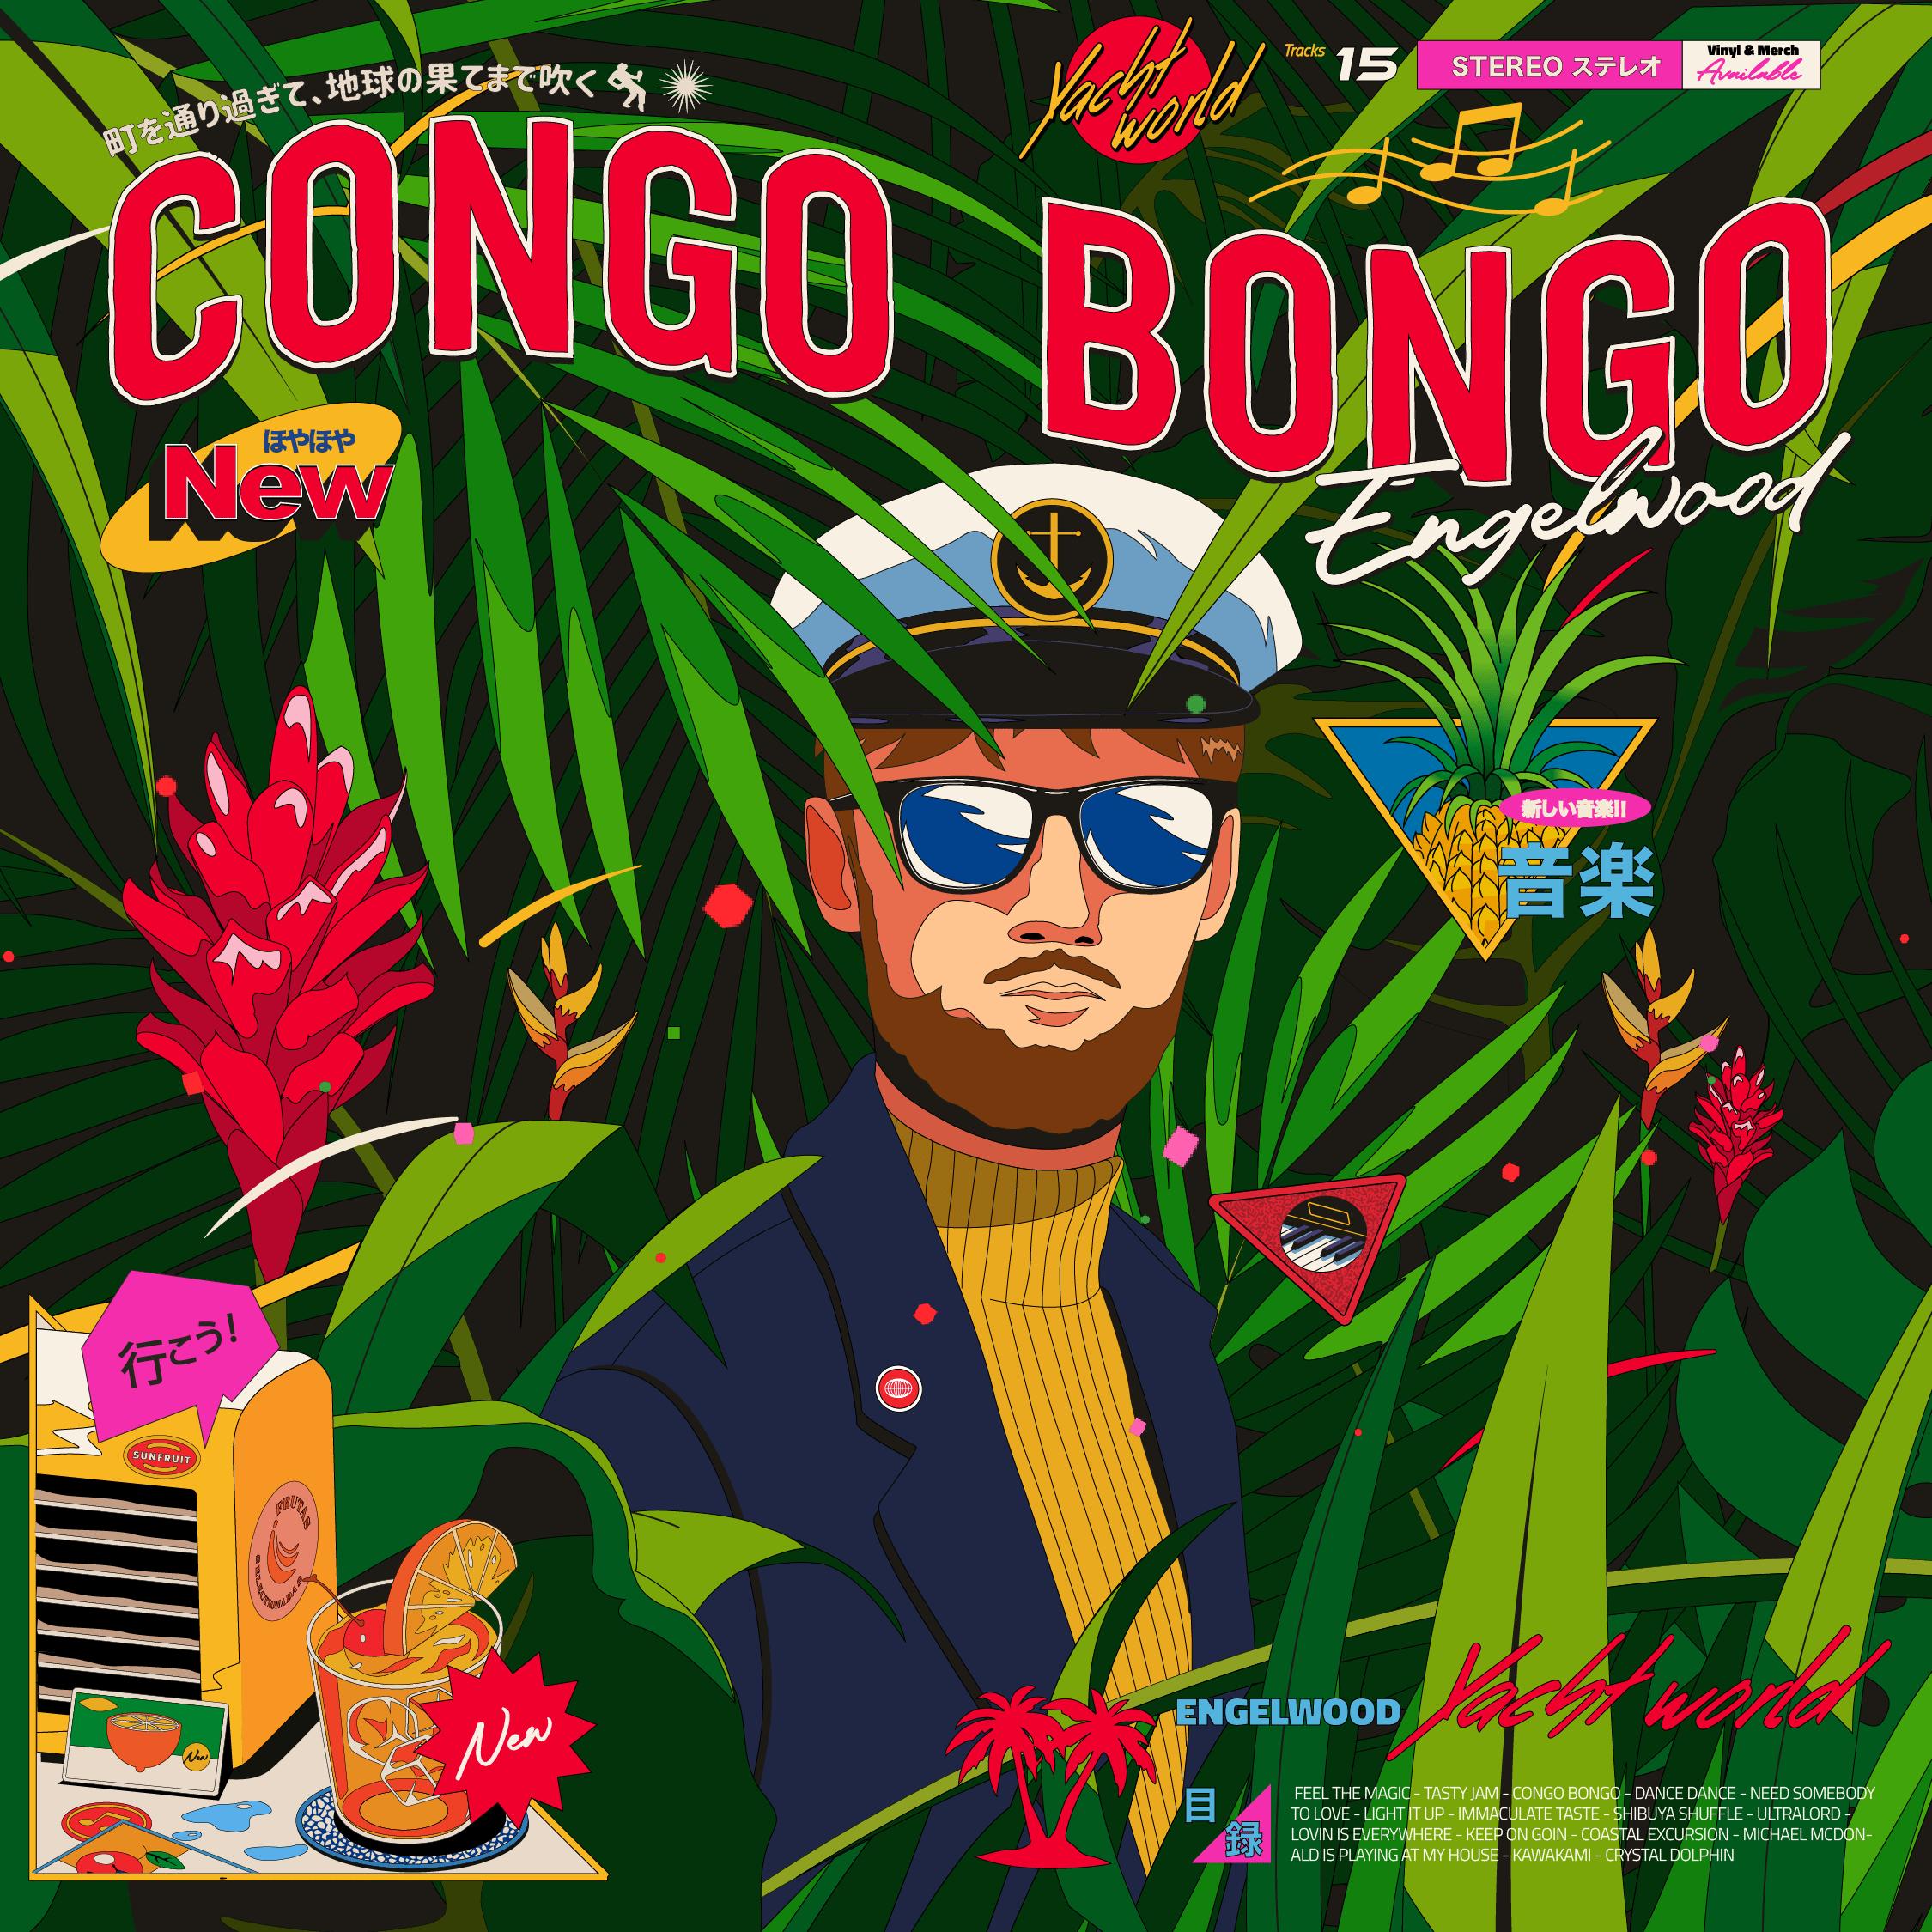 CONGOBONGO_STILL